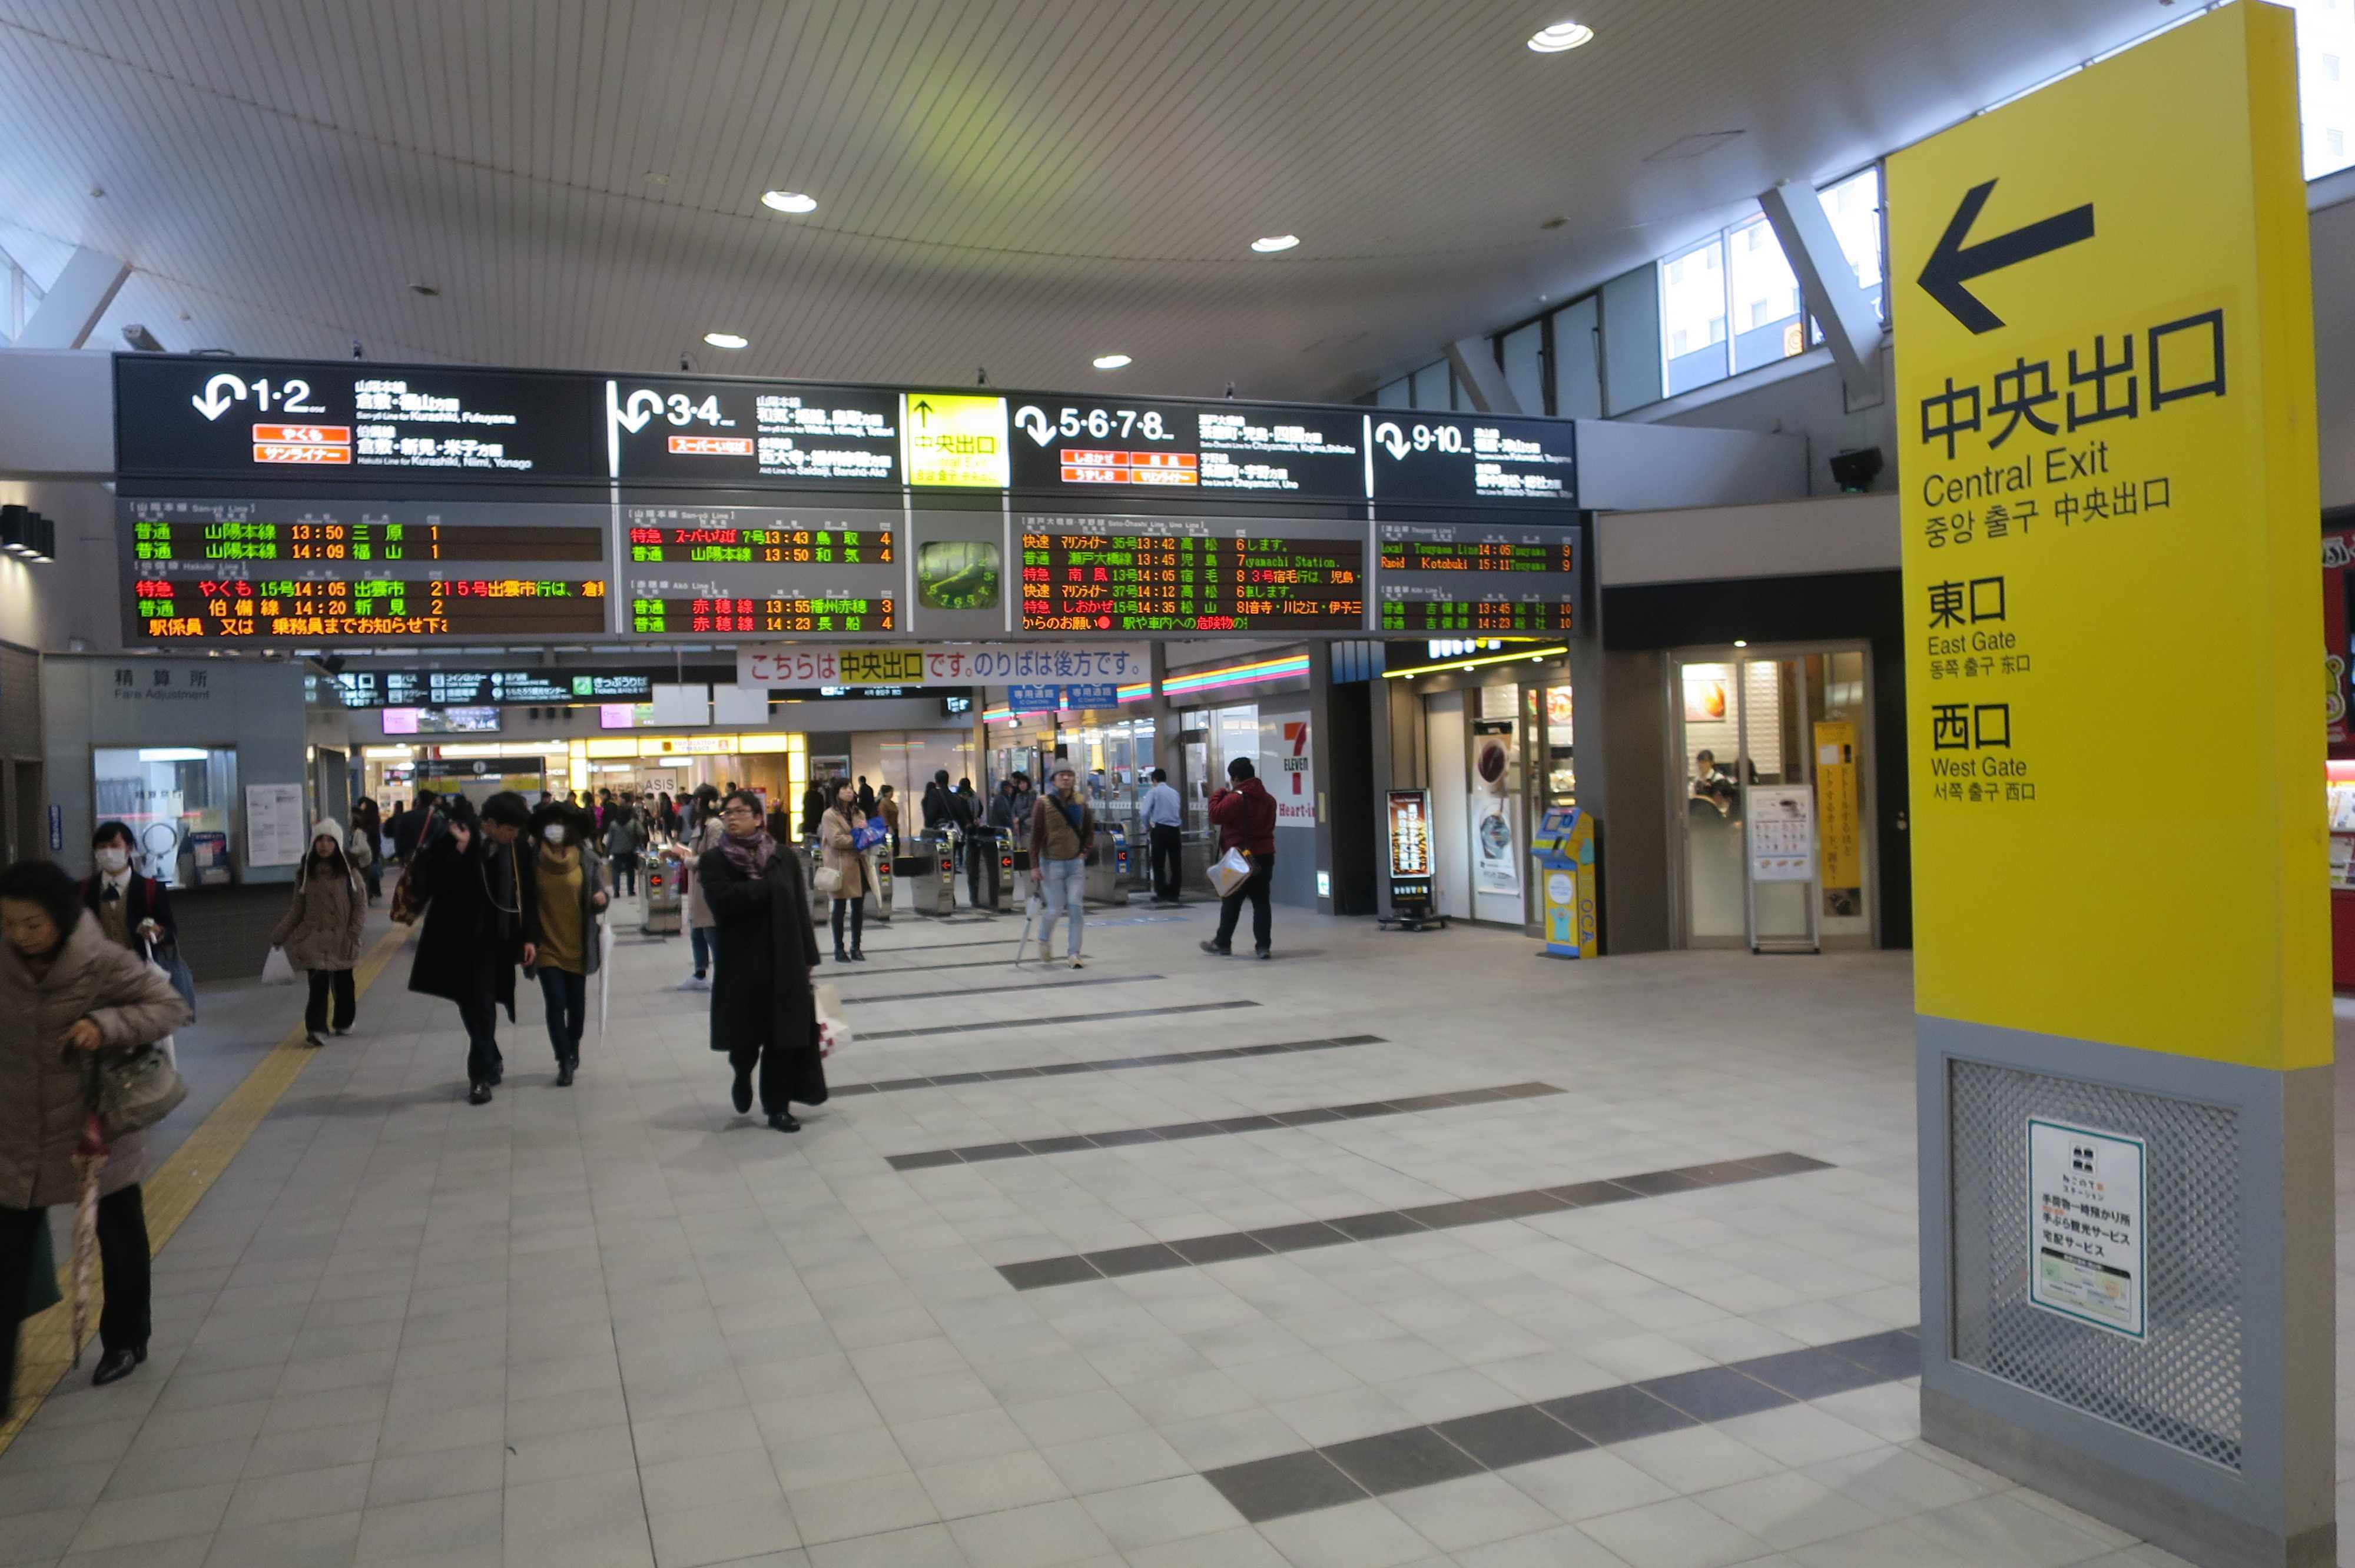 JR岡山駅 駅構内